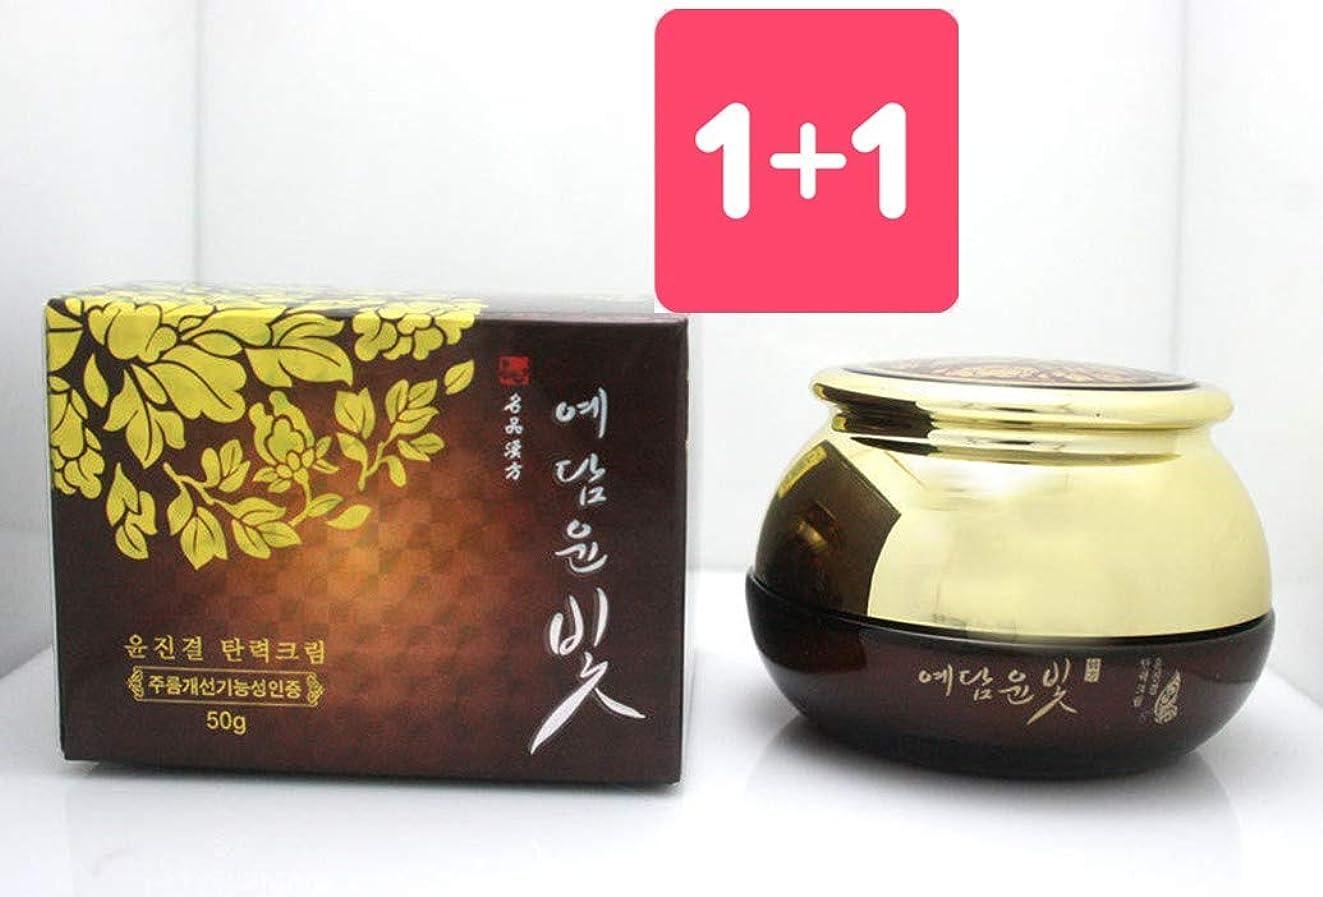 リーンに対応将来の1+1 Big Sale イェダムユンビト[韓国コスメYedamYunBit] Yun Jin Gyeol Firming Cream 50g / Anti-Wrinkle/Korea Cosmetic